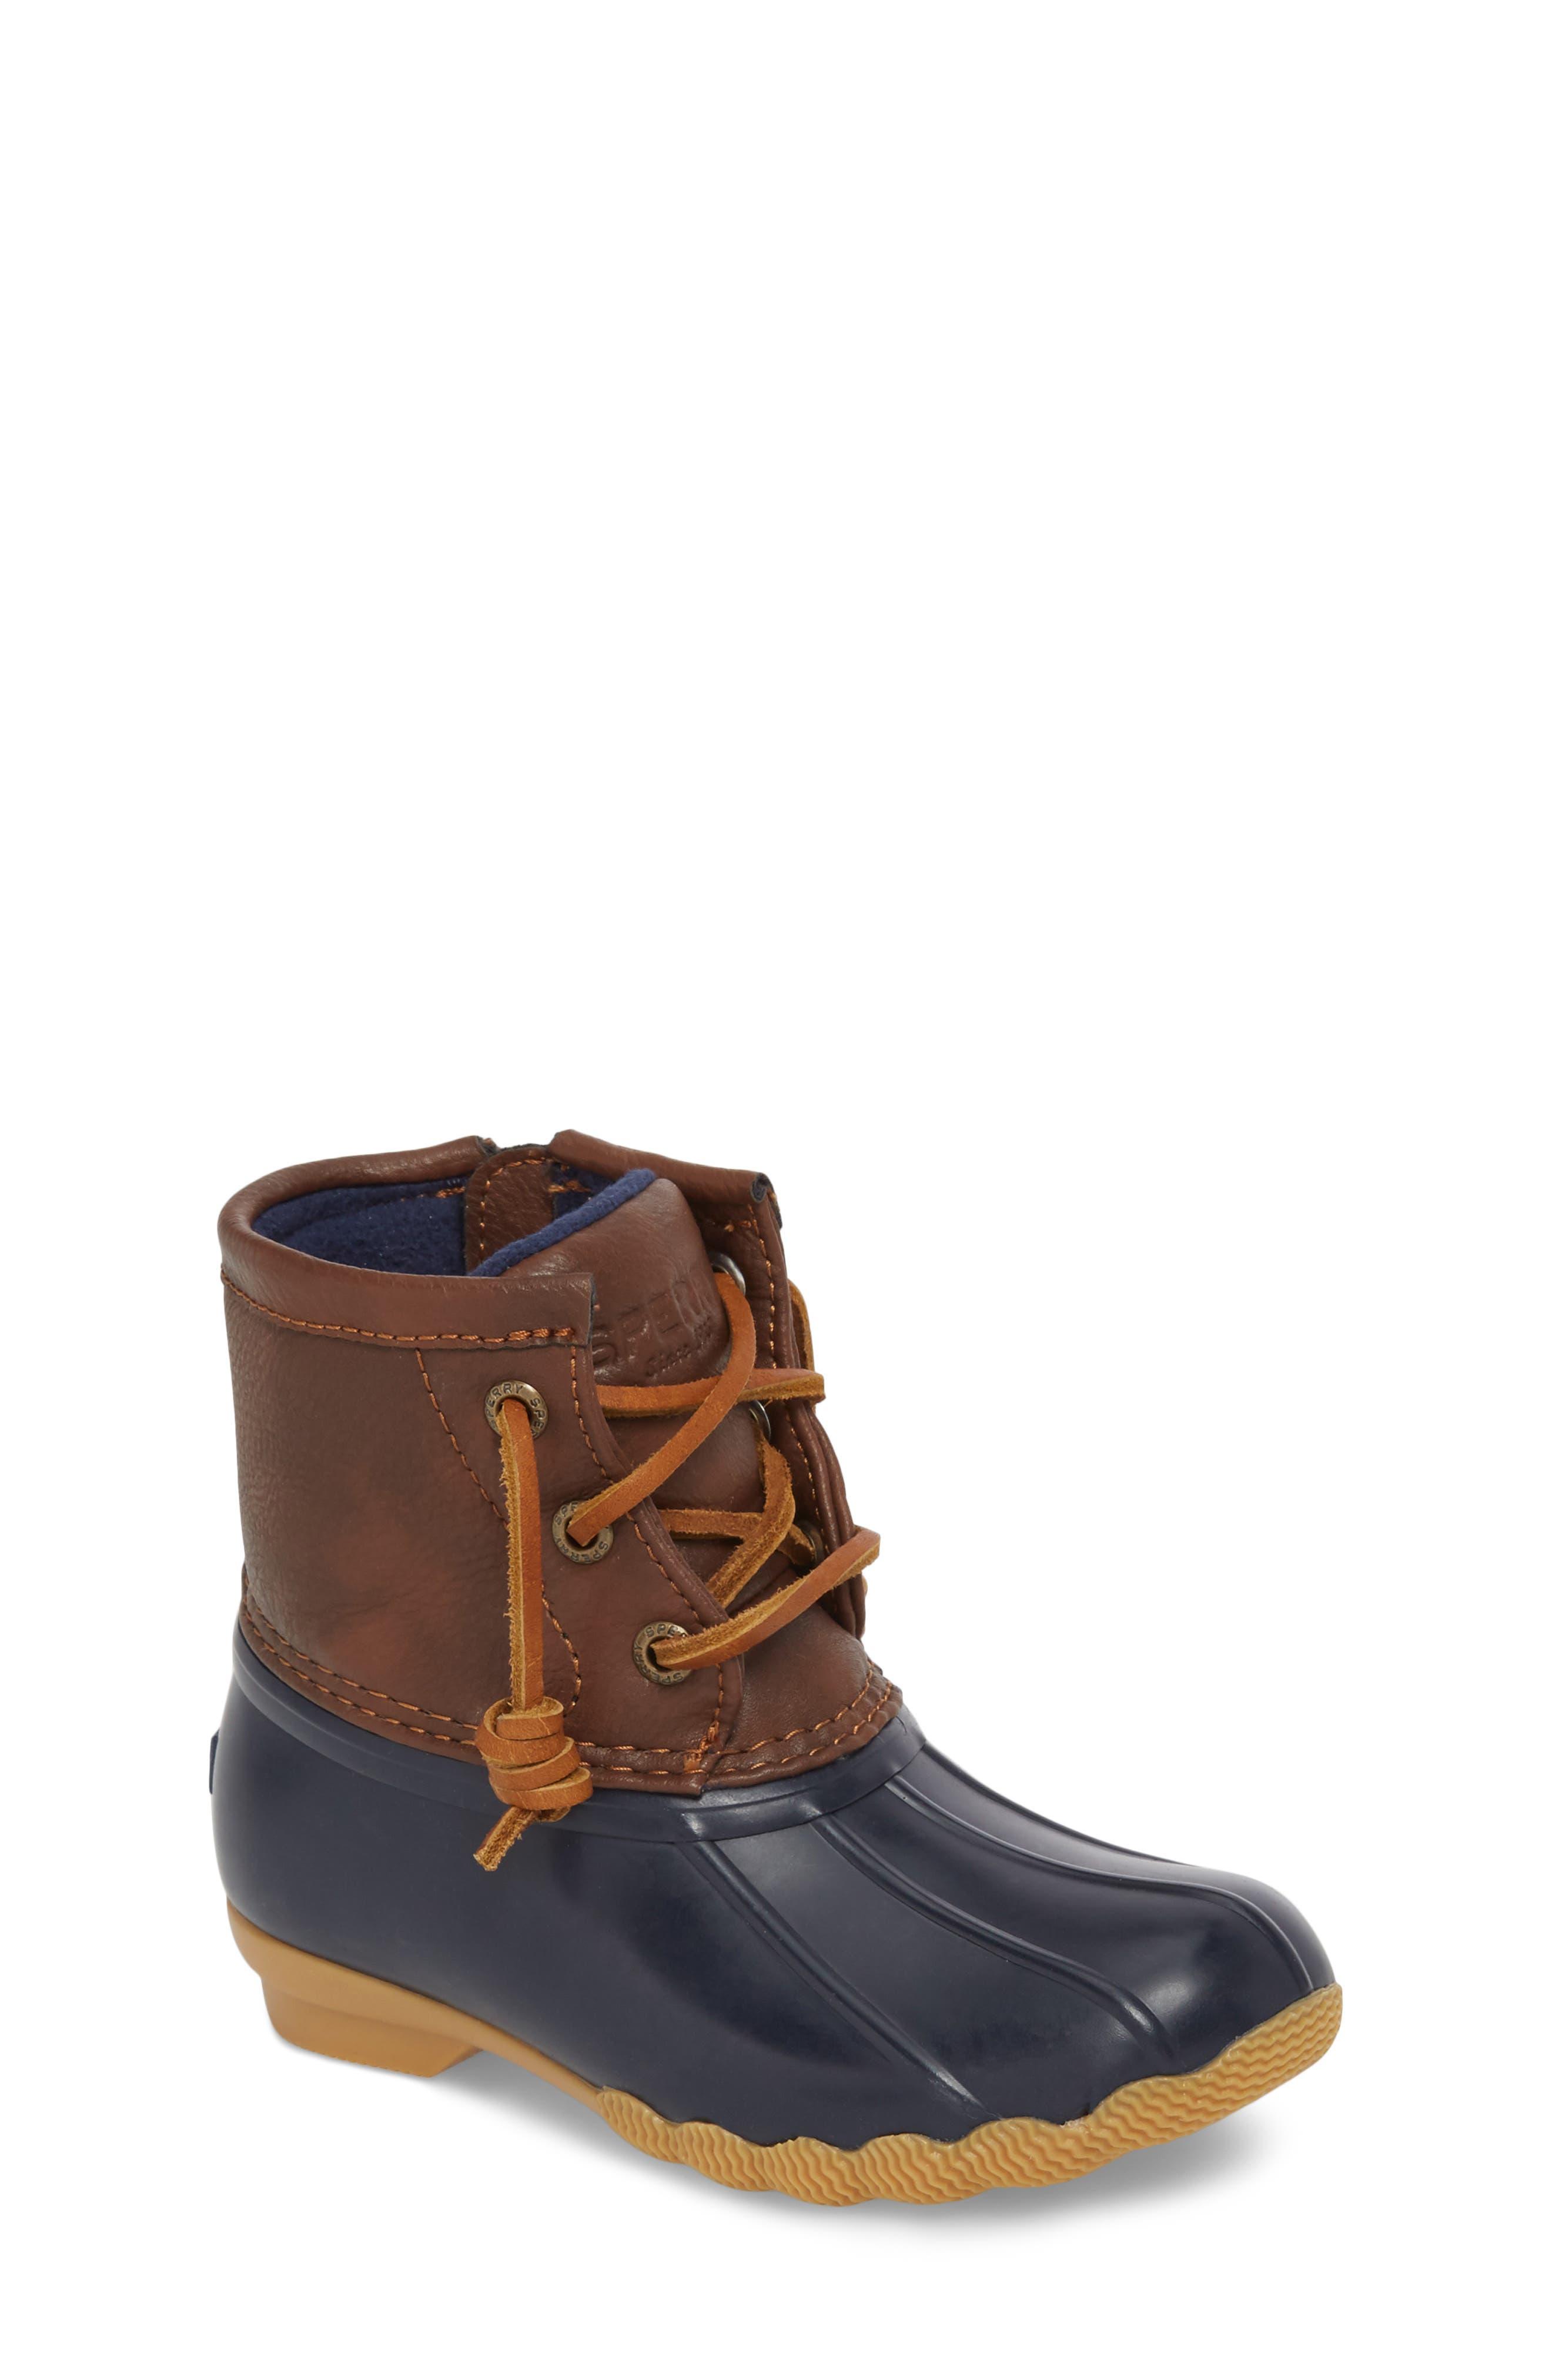 SPERRY KIDS Saltwater Duck Boot, Main, color, NAVY/ NAVY